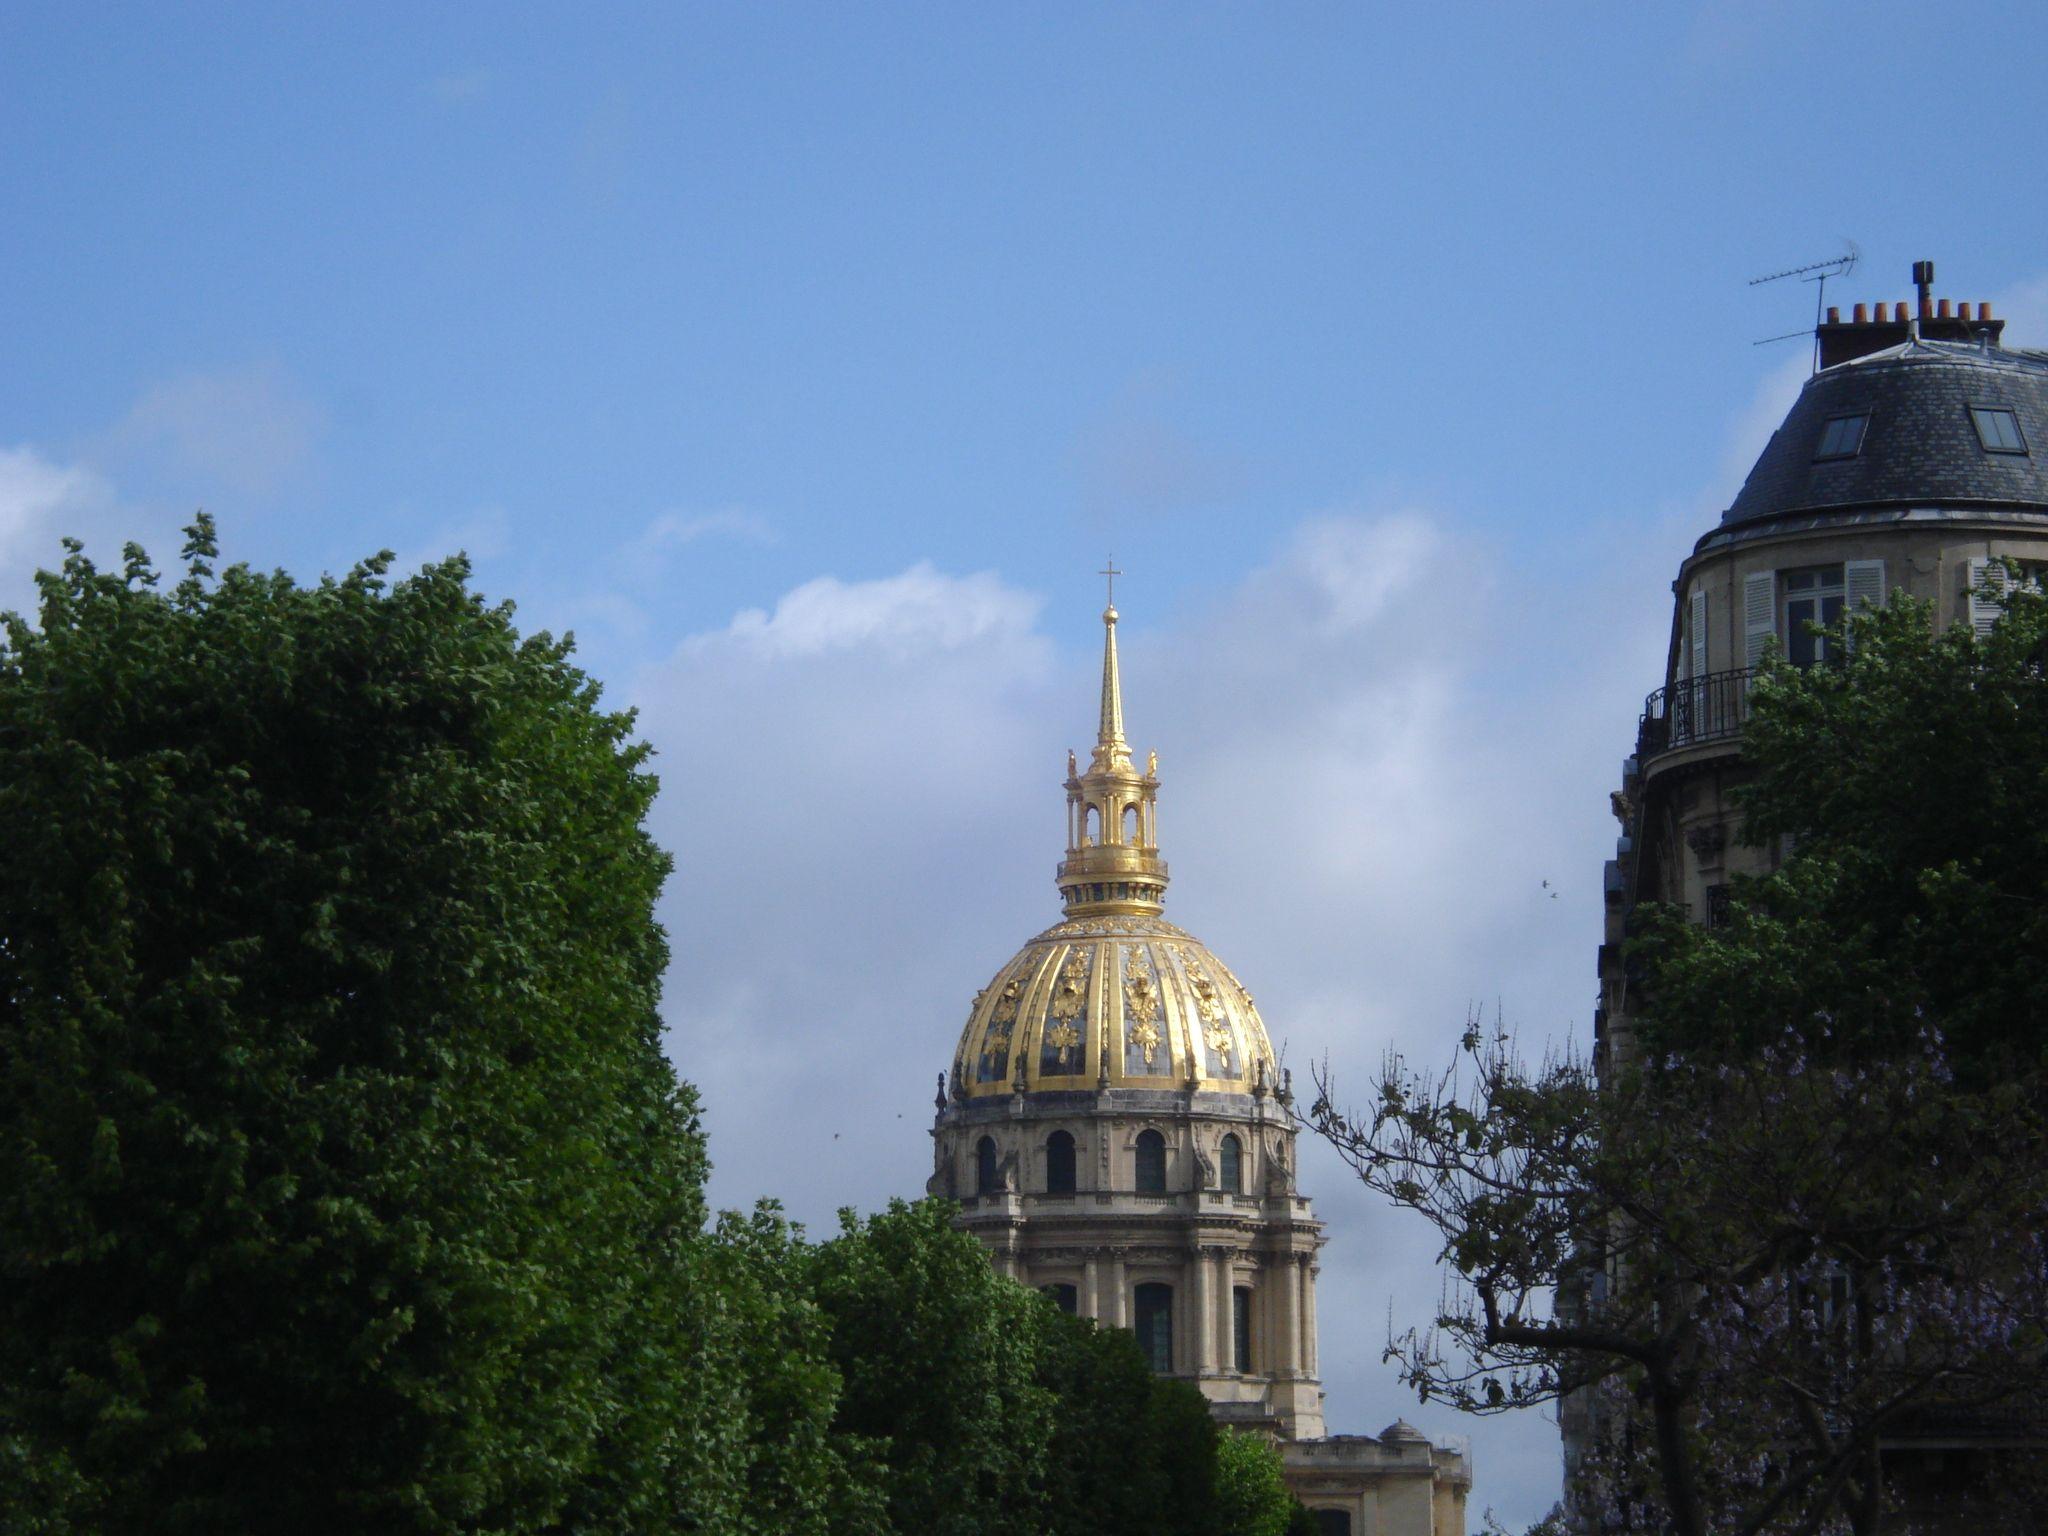 Invalides. Paris after the tempest.